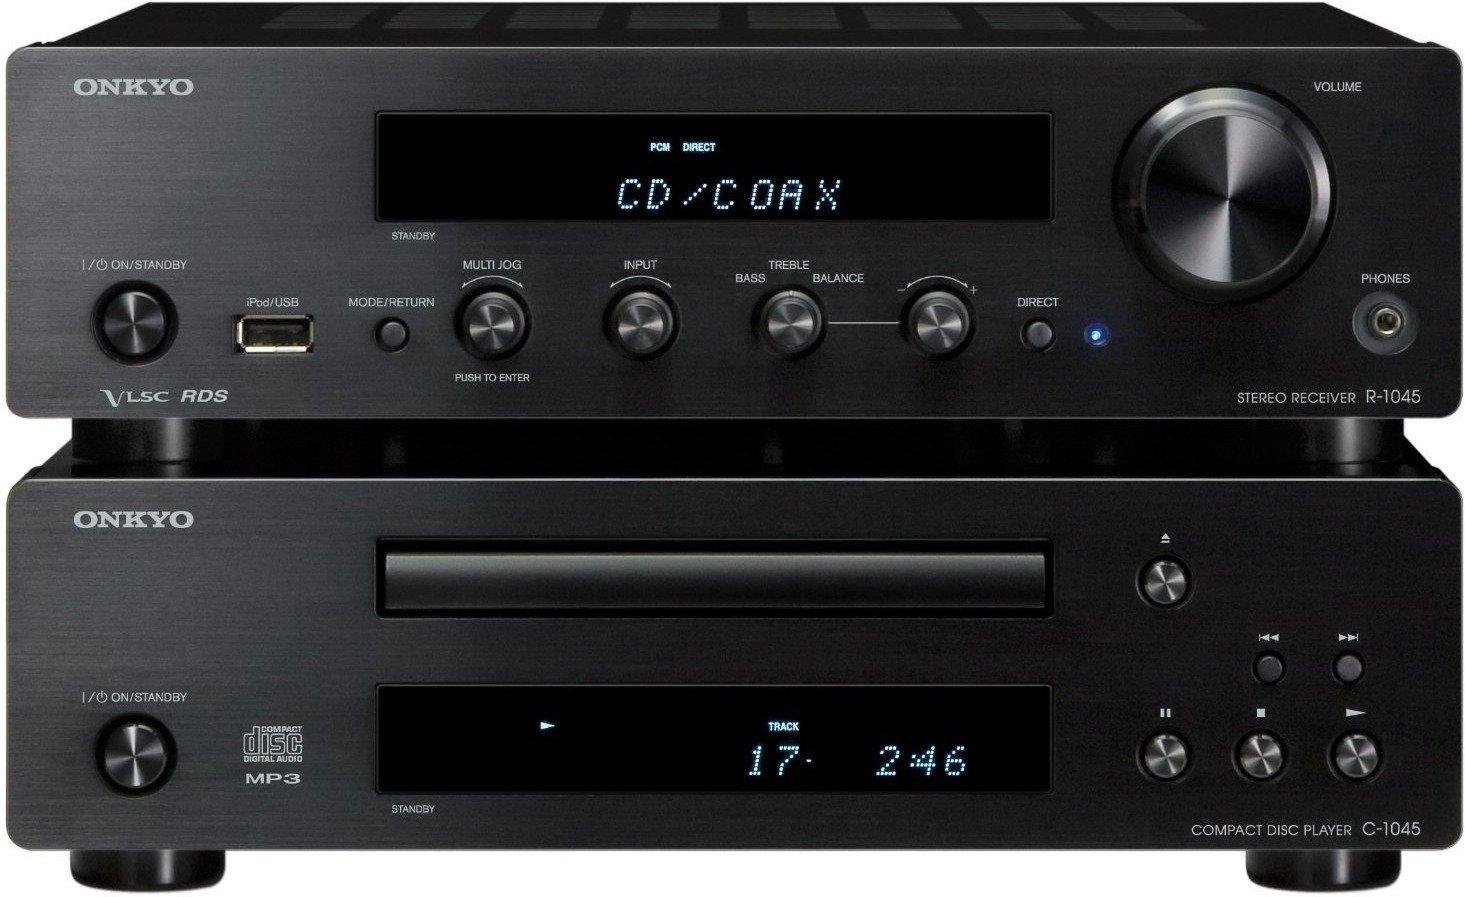 Elektrowelt24: Onkyo PHA-1045 HiFi-Kompaktanlage (CD-Player + Receiver) schwarz oder silber für 499 € (798,89 € PVG)